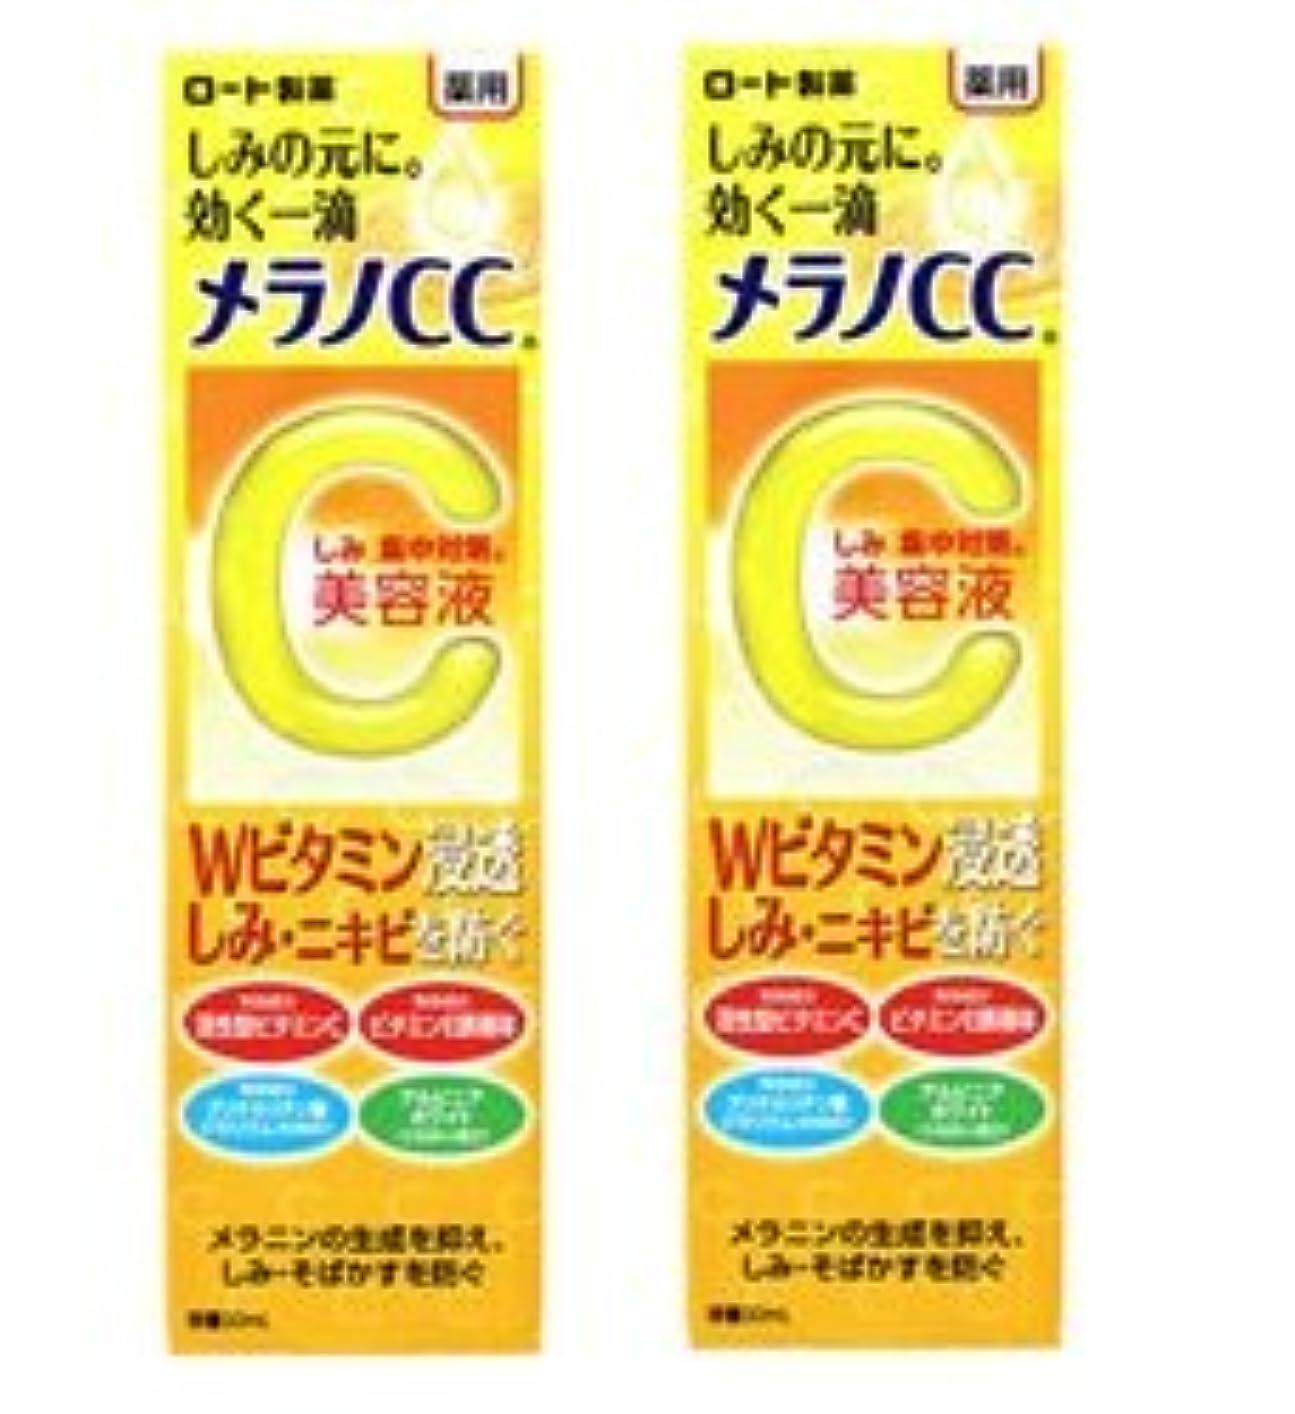 毎日初心者いとこ【2個セット】メラノCC 薬用しみ集中対策美容液 20ml